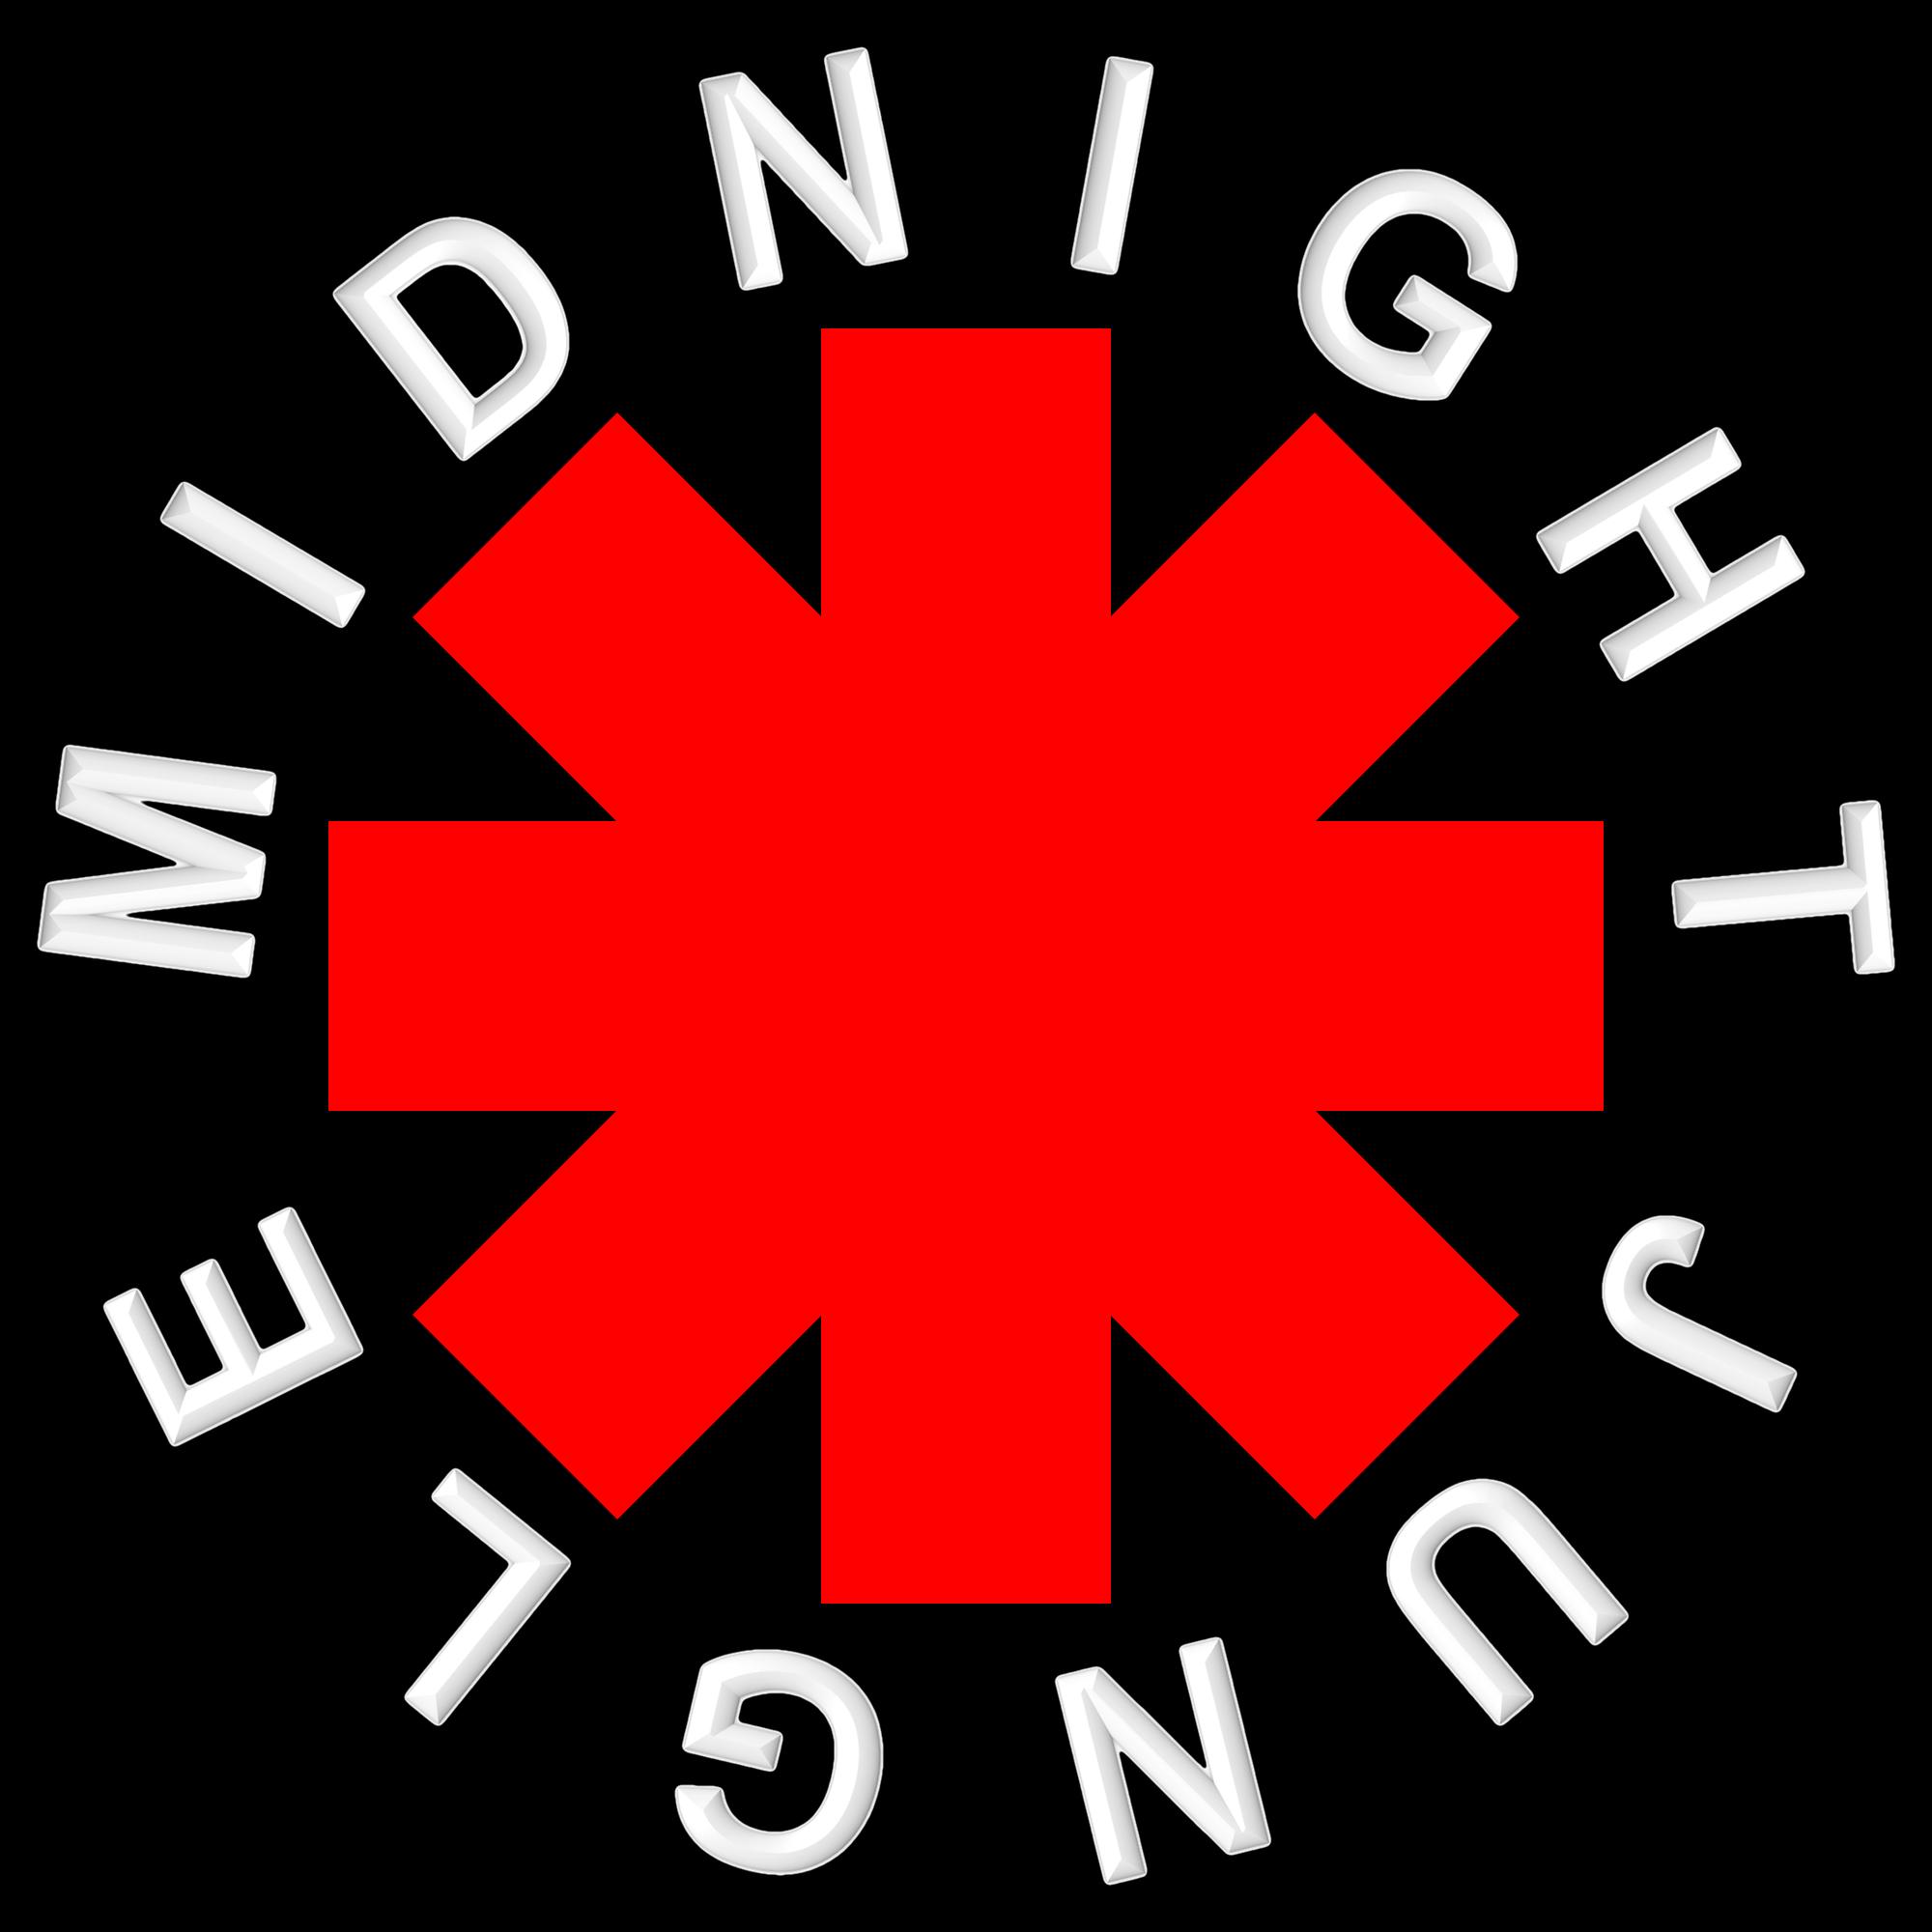 Midnight Jungle - Chalgrove Live Music Festival